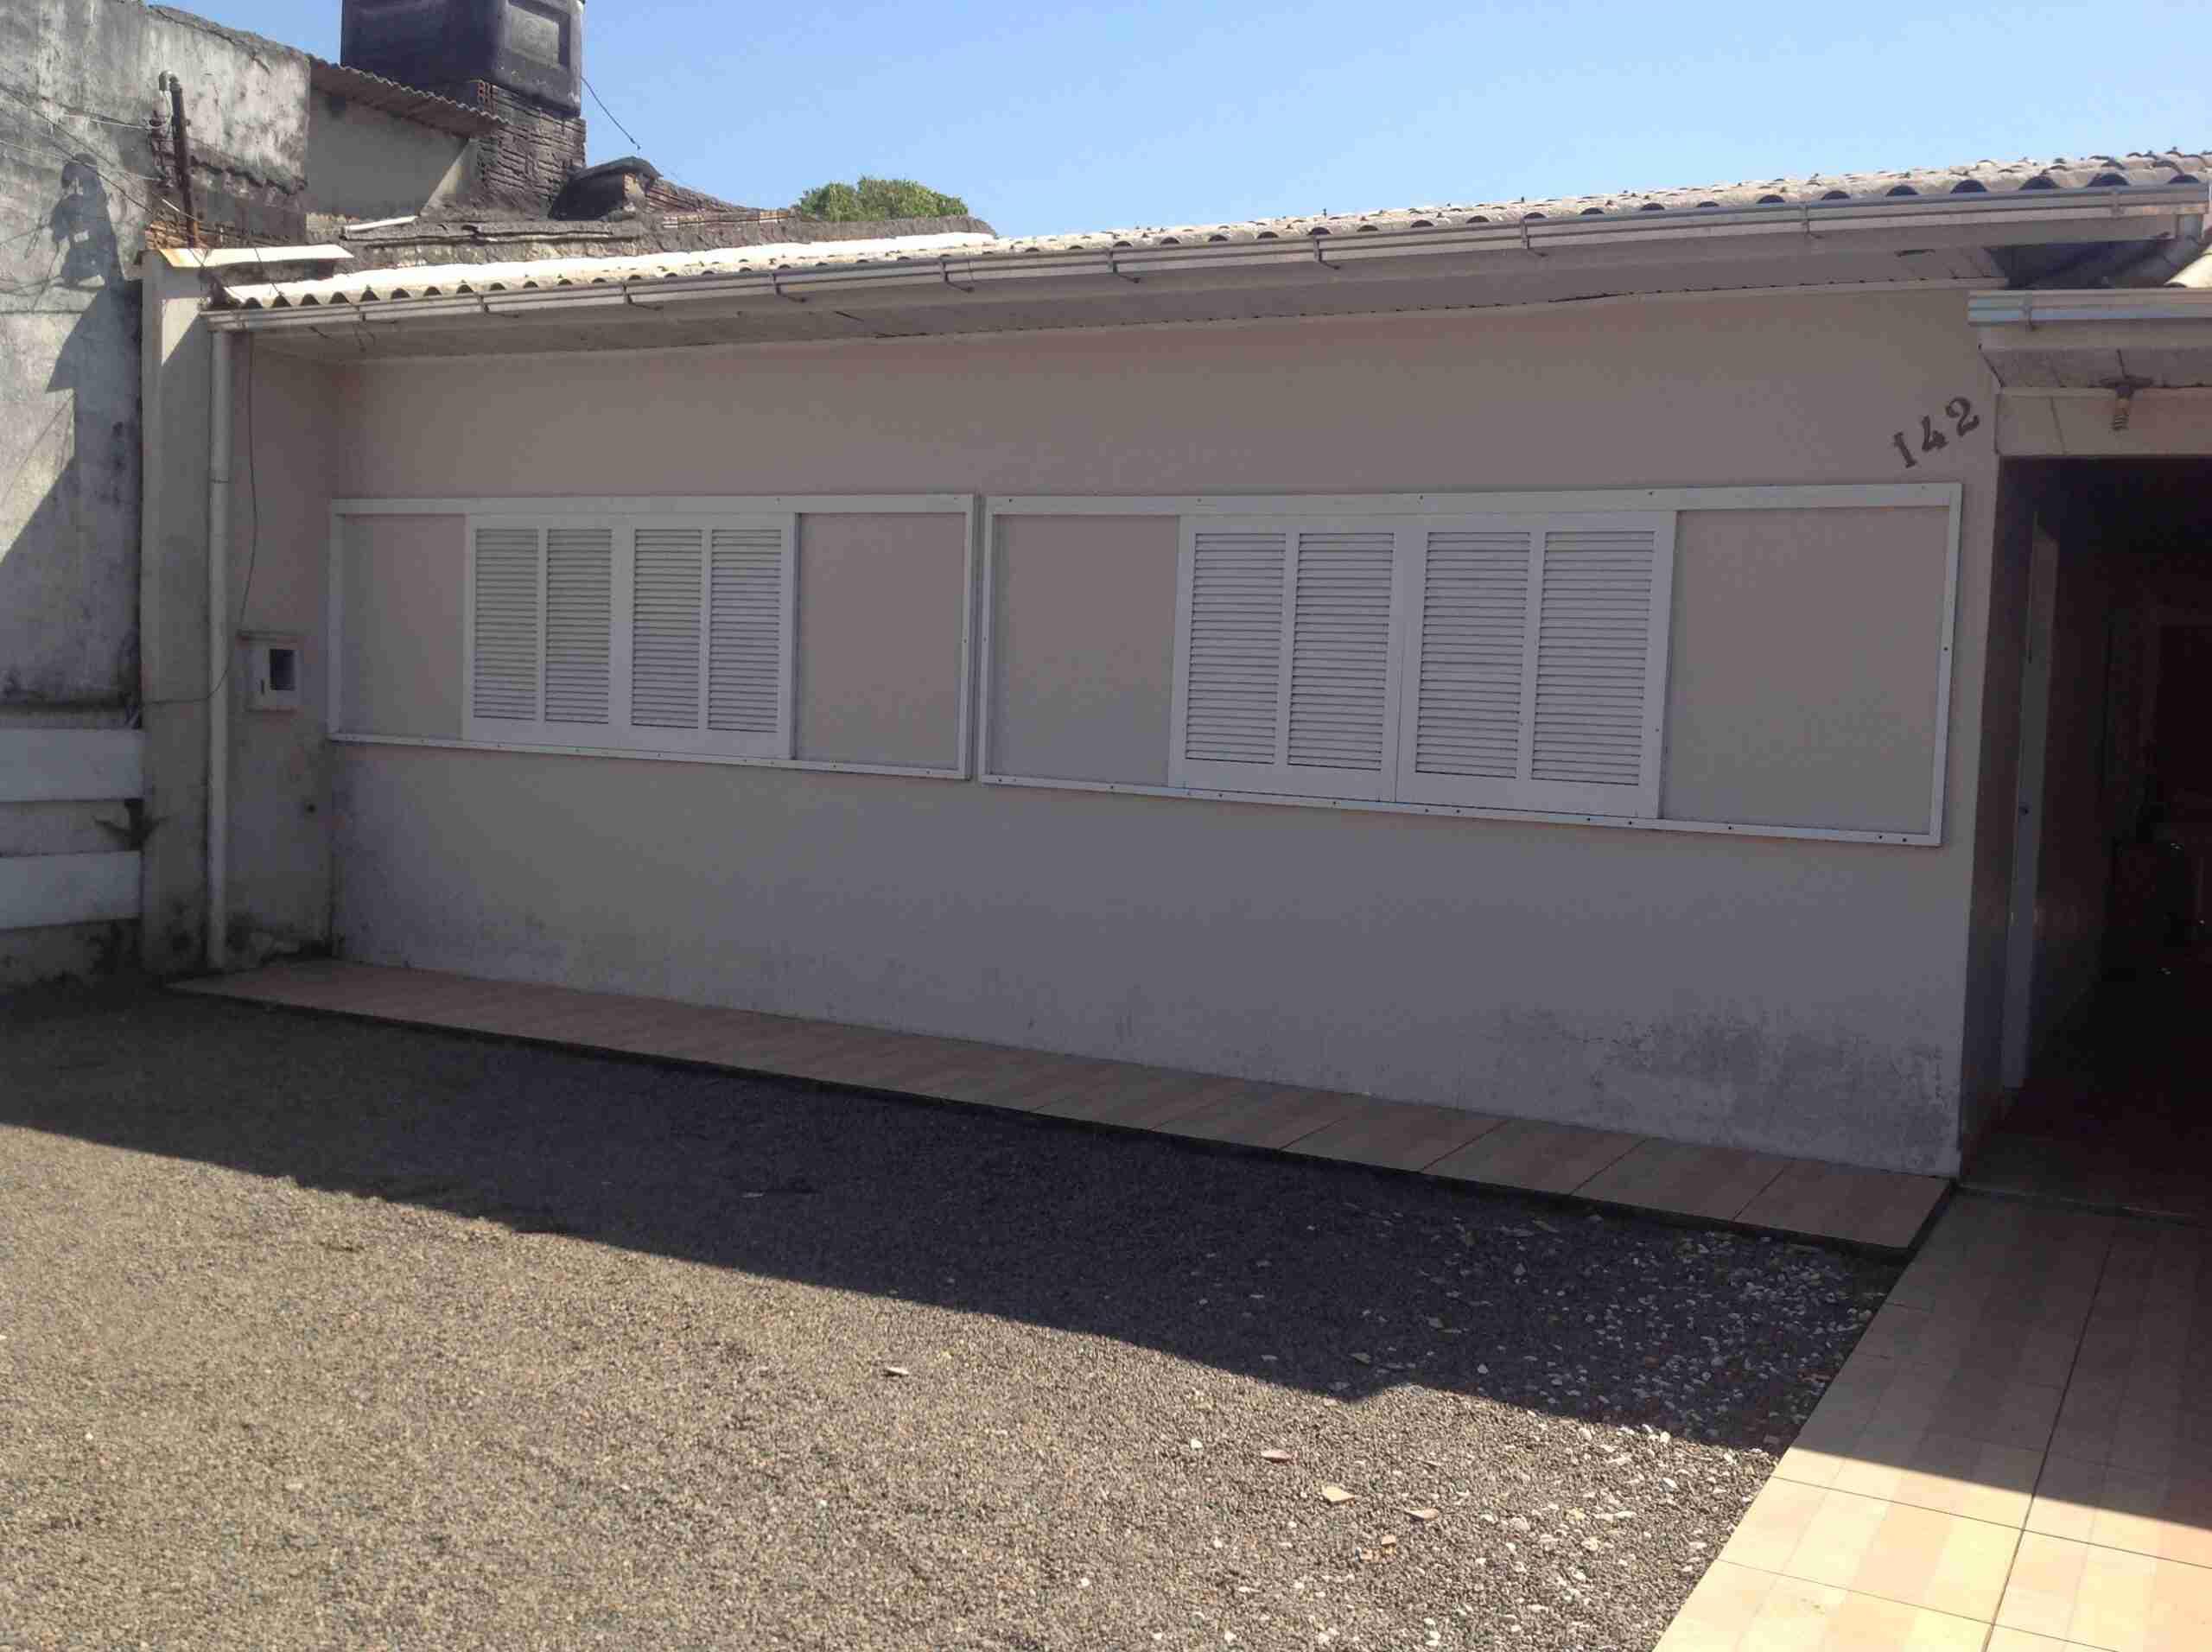 Imóvel ( 149 ) casa alvenaria 10×11: 110 m2, 2 dormitorios,sala,cozinha,banheiro , área de serviço ,garagem  para dois carros ,cozinha  sob medida parte de pedra lote 10,5x 33